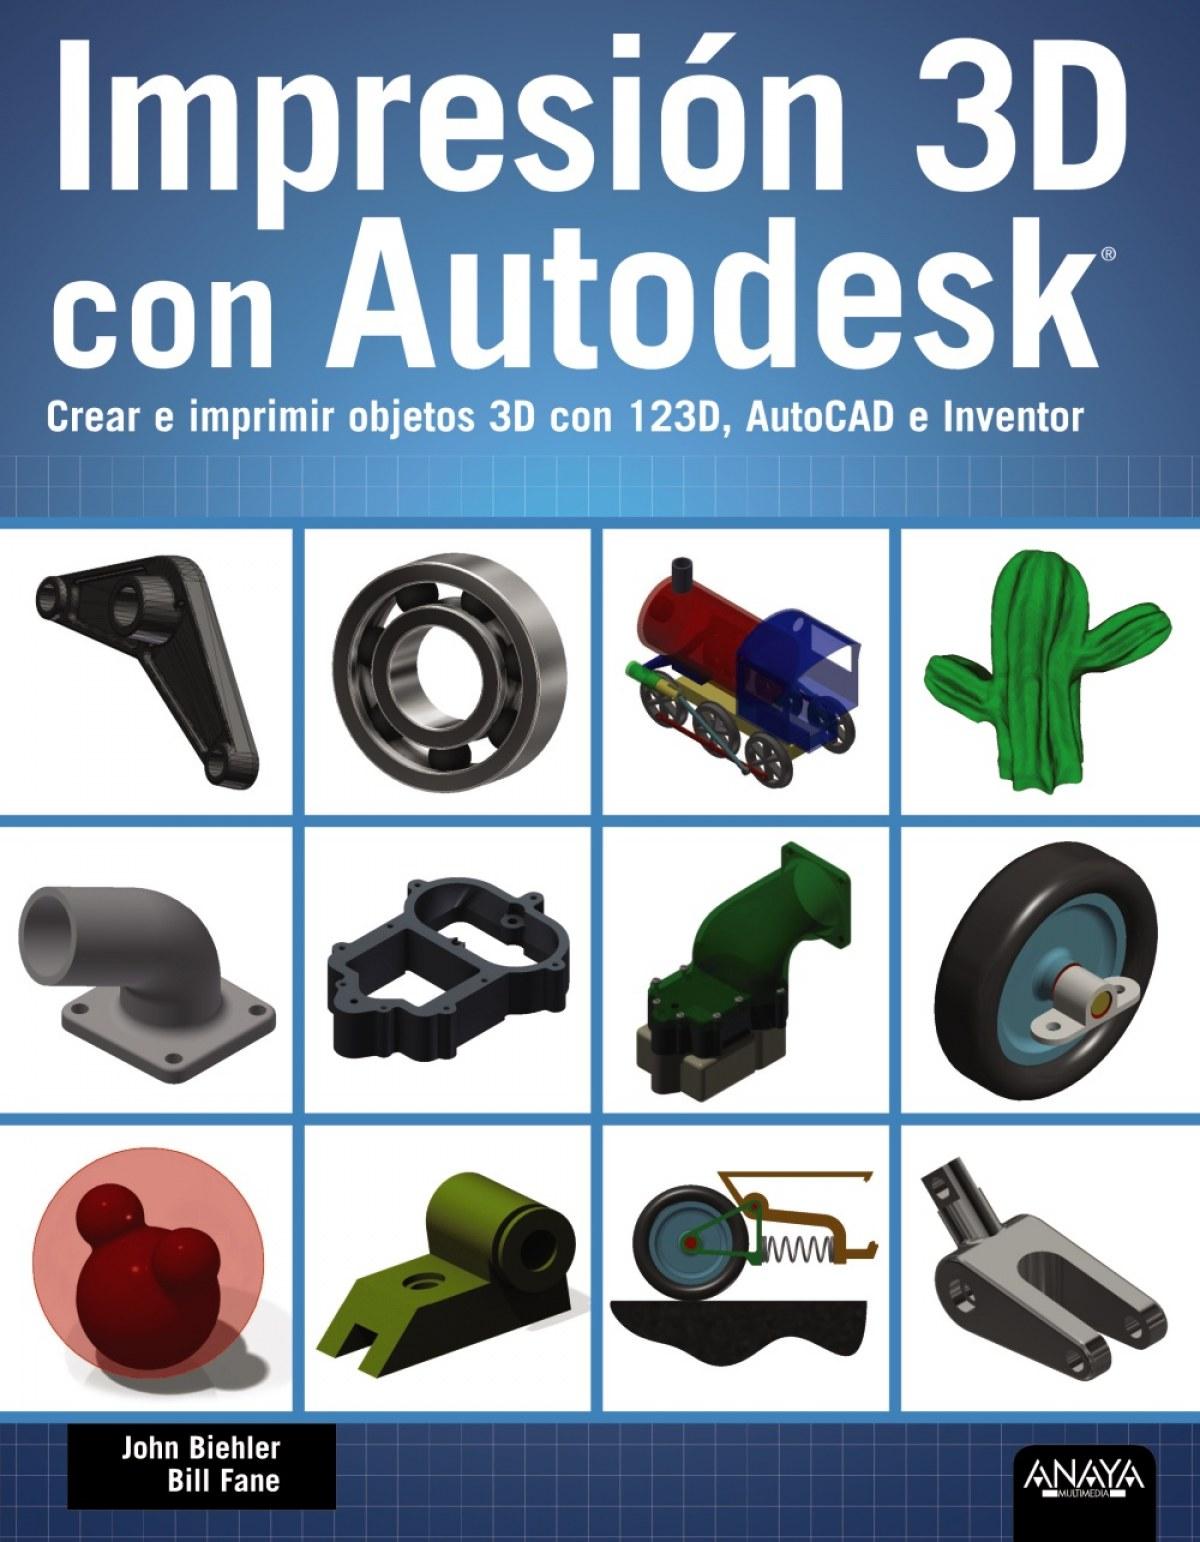 Impresión 3D con autodesk 9788441536326